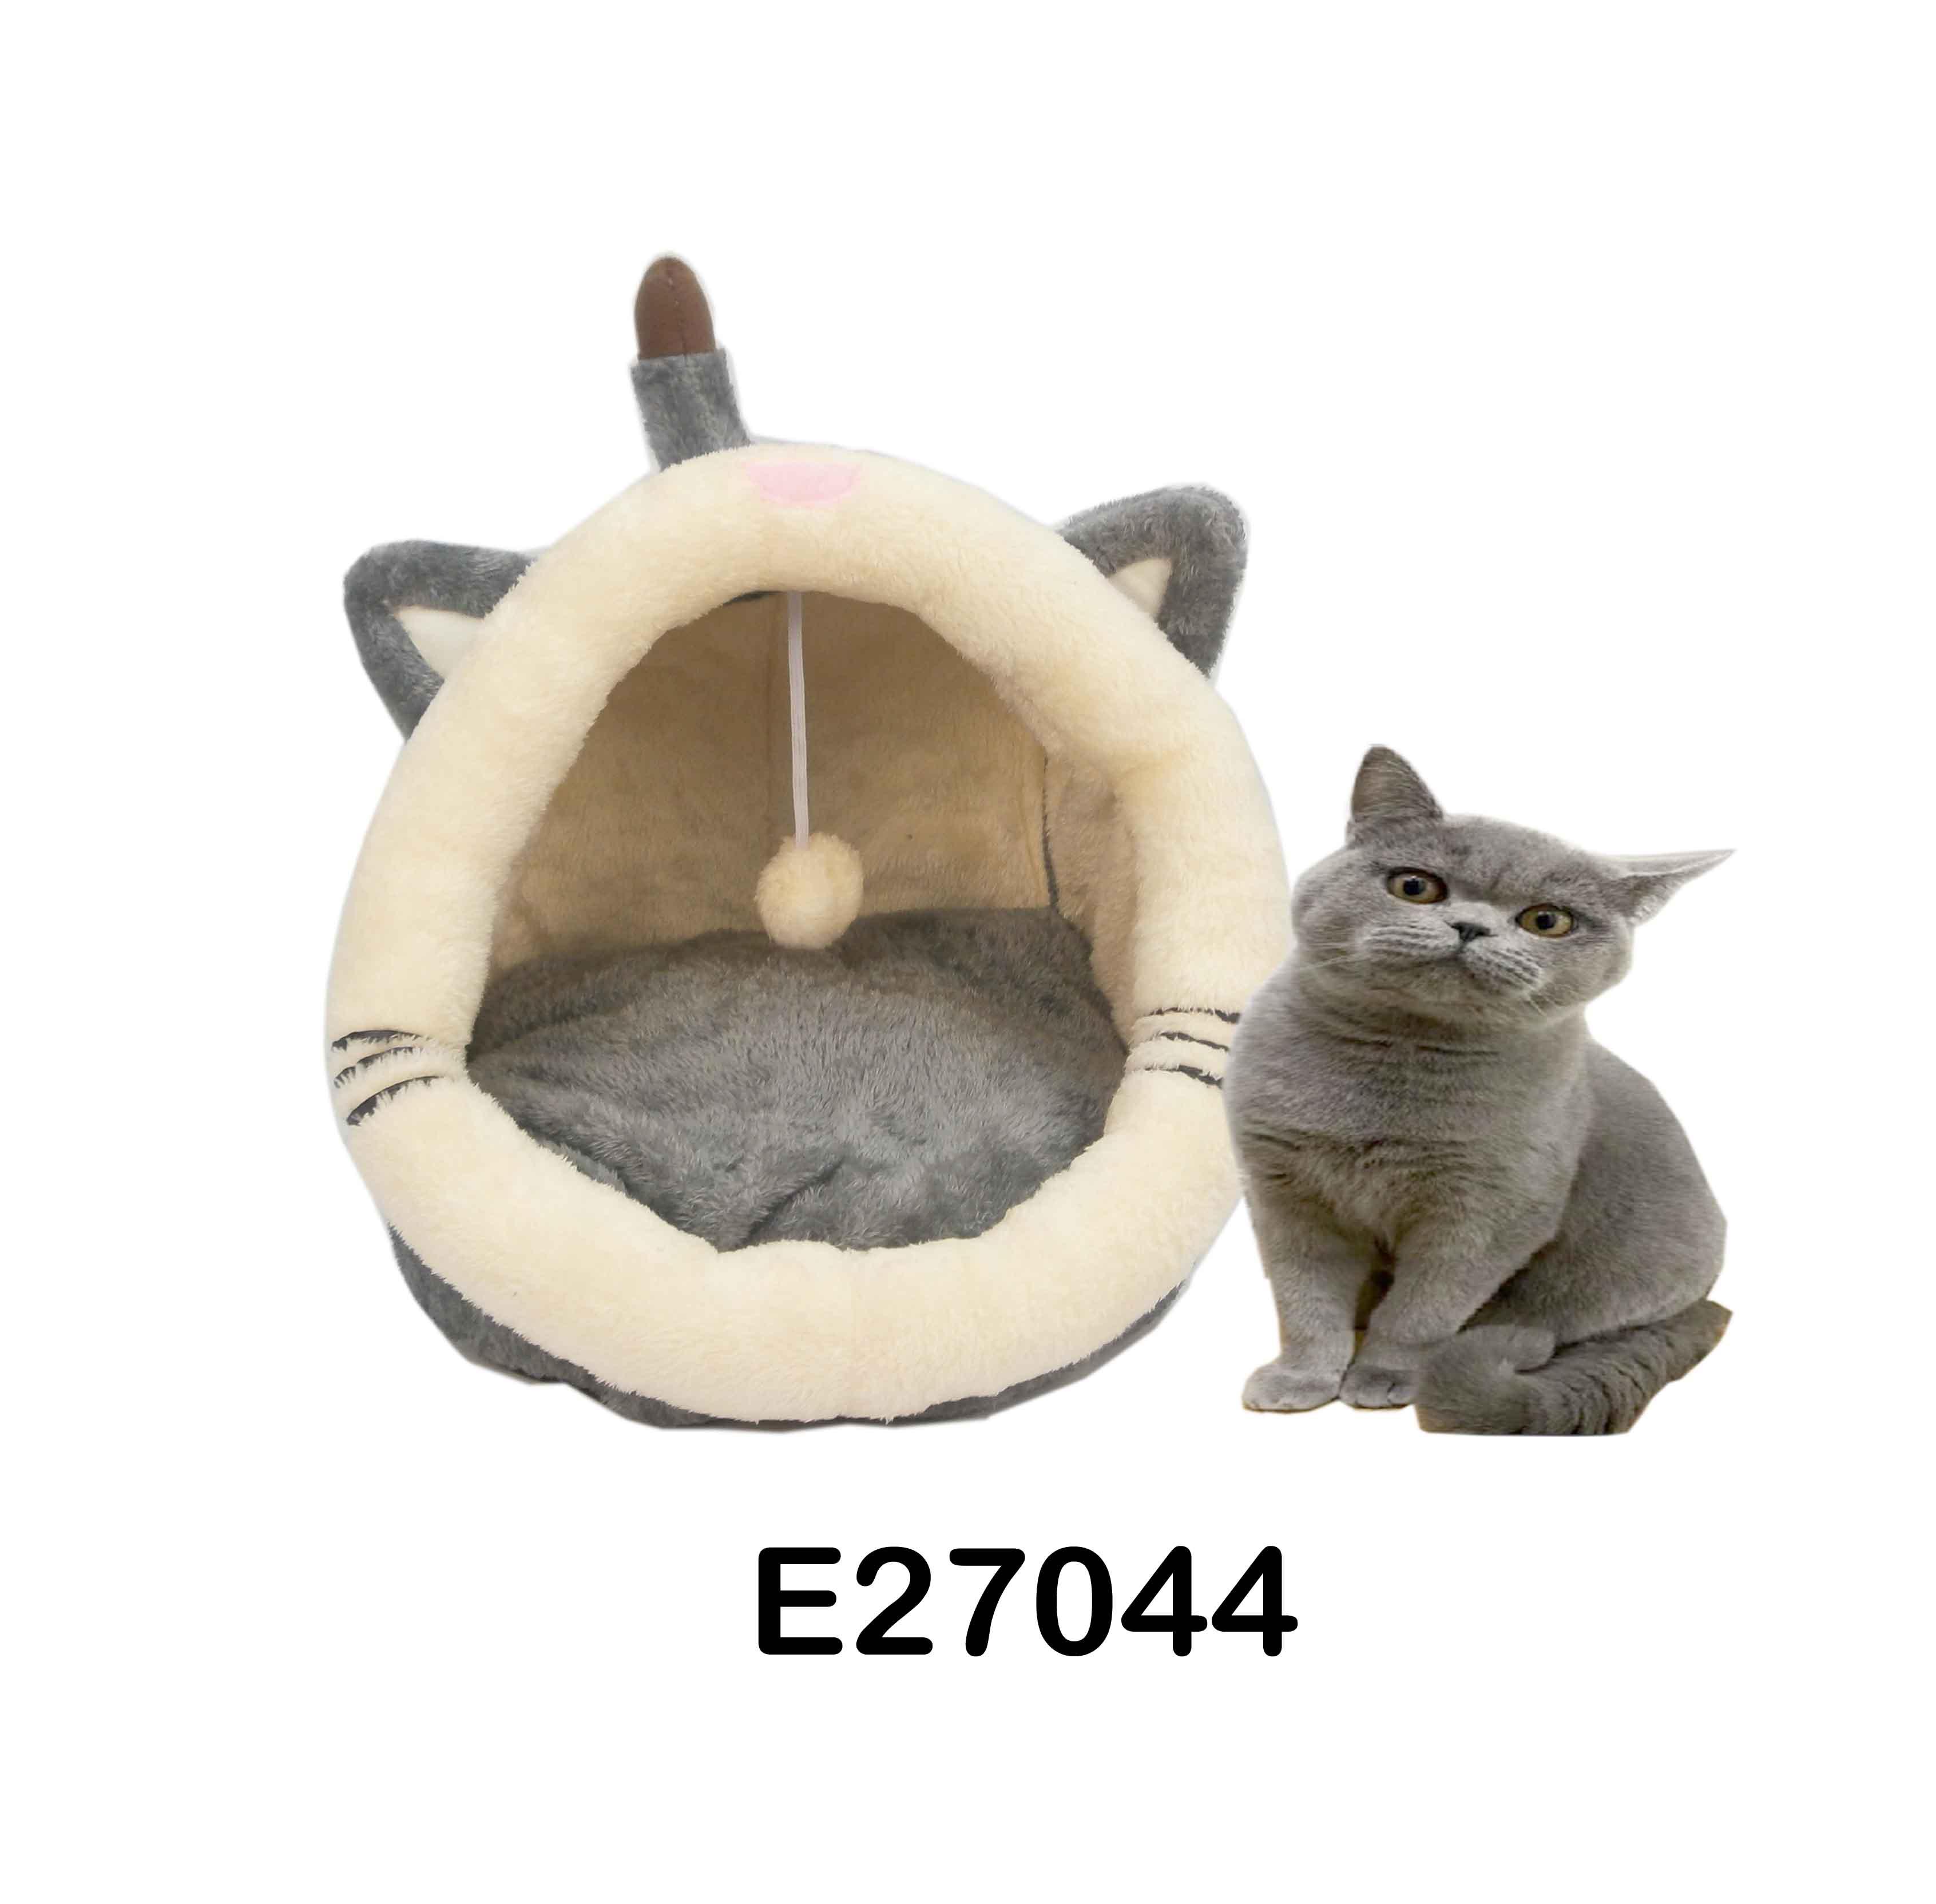 E27044 TE